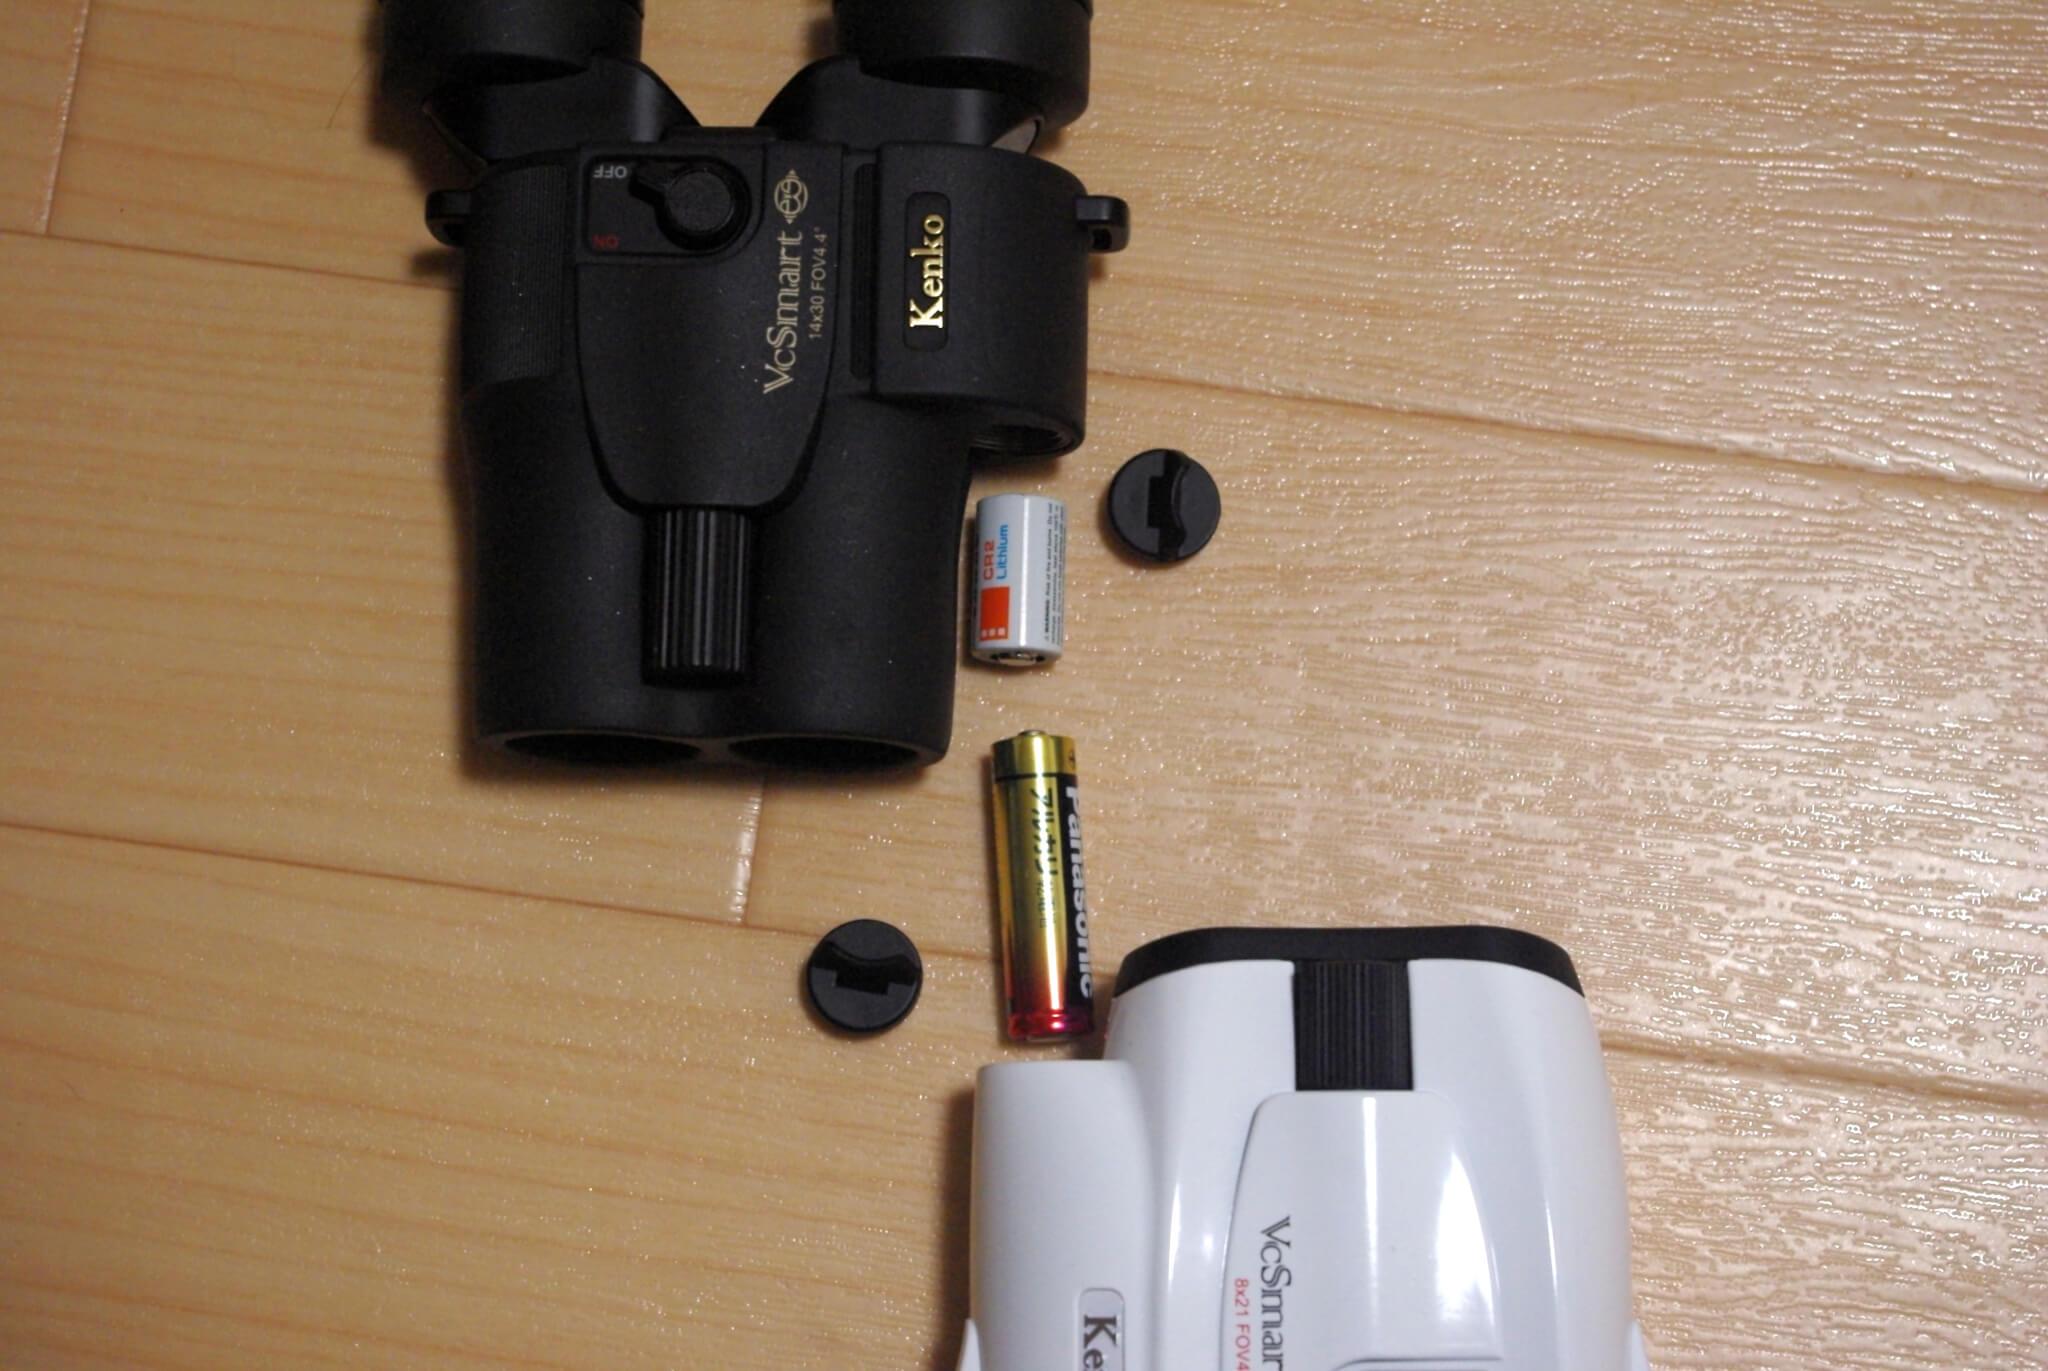 ケンコー防振双眼鏡「VCスマート」シリーズの違いを比較 電池